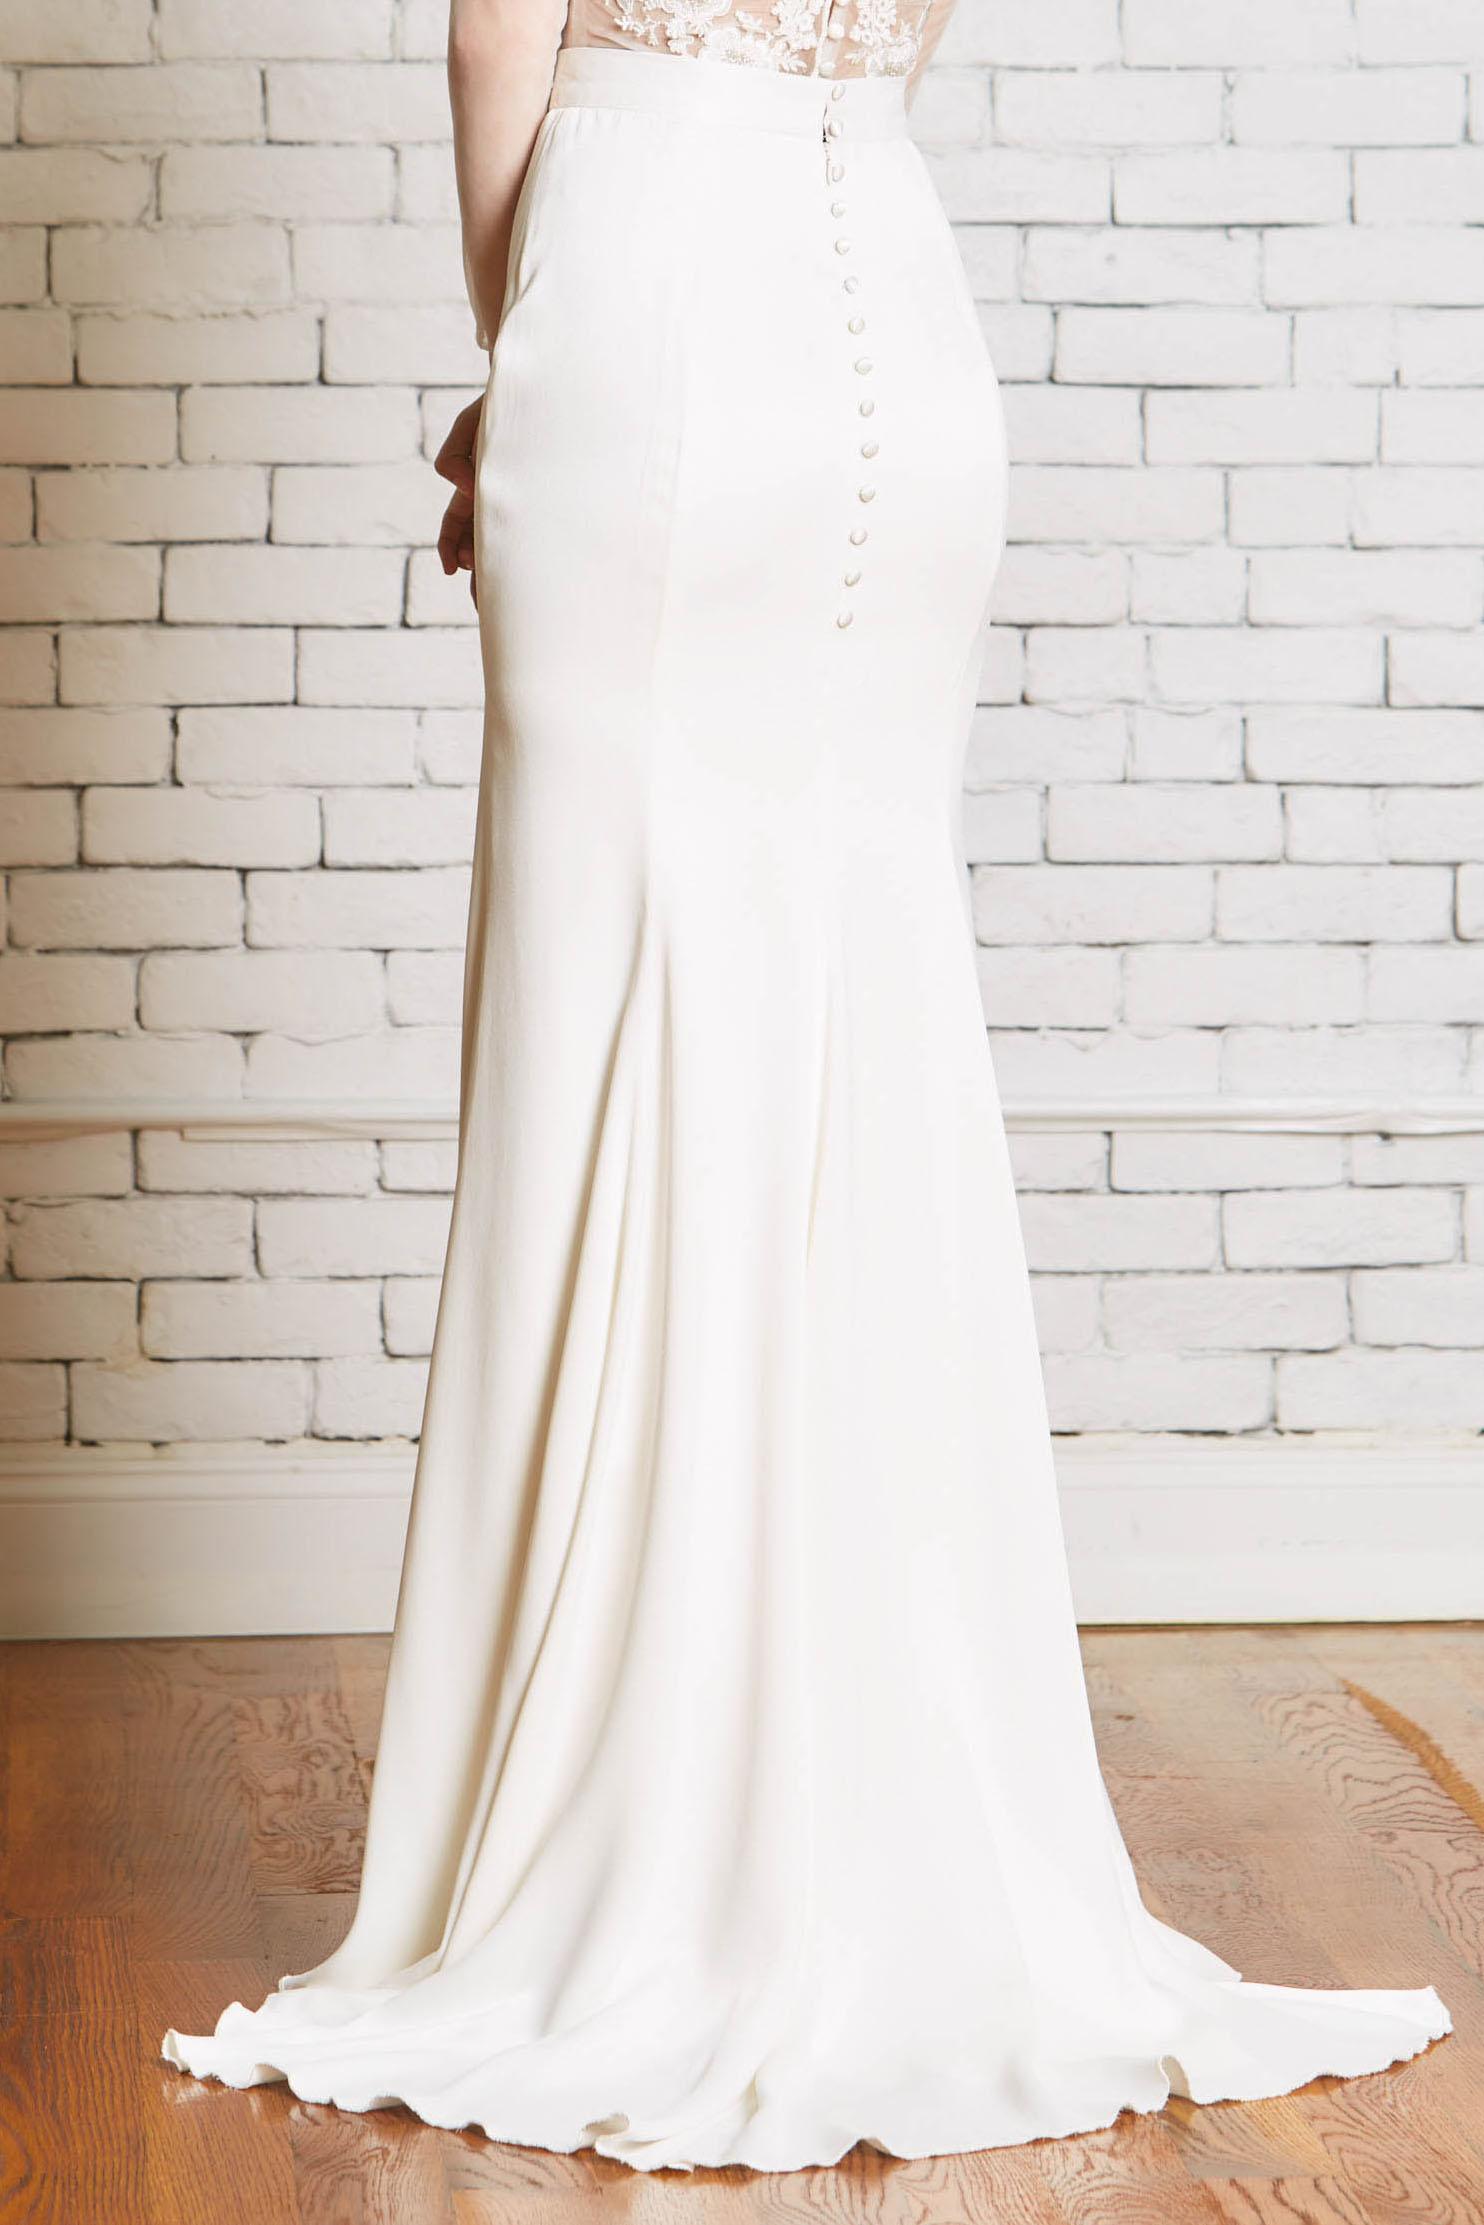 14b.Rebecca_Schoneveld_Alma_Skirt_Back-Bridal_Separates_Skirt_Sophisticated.jpg